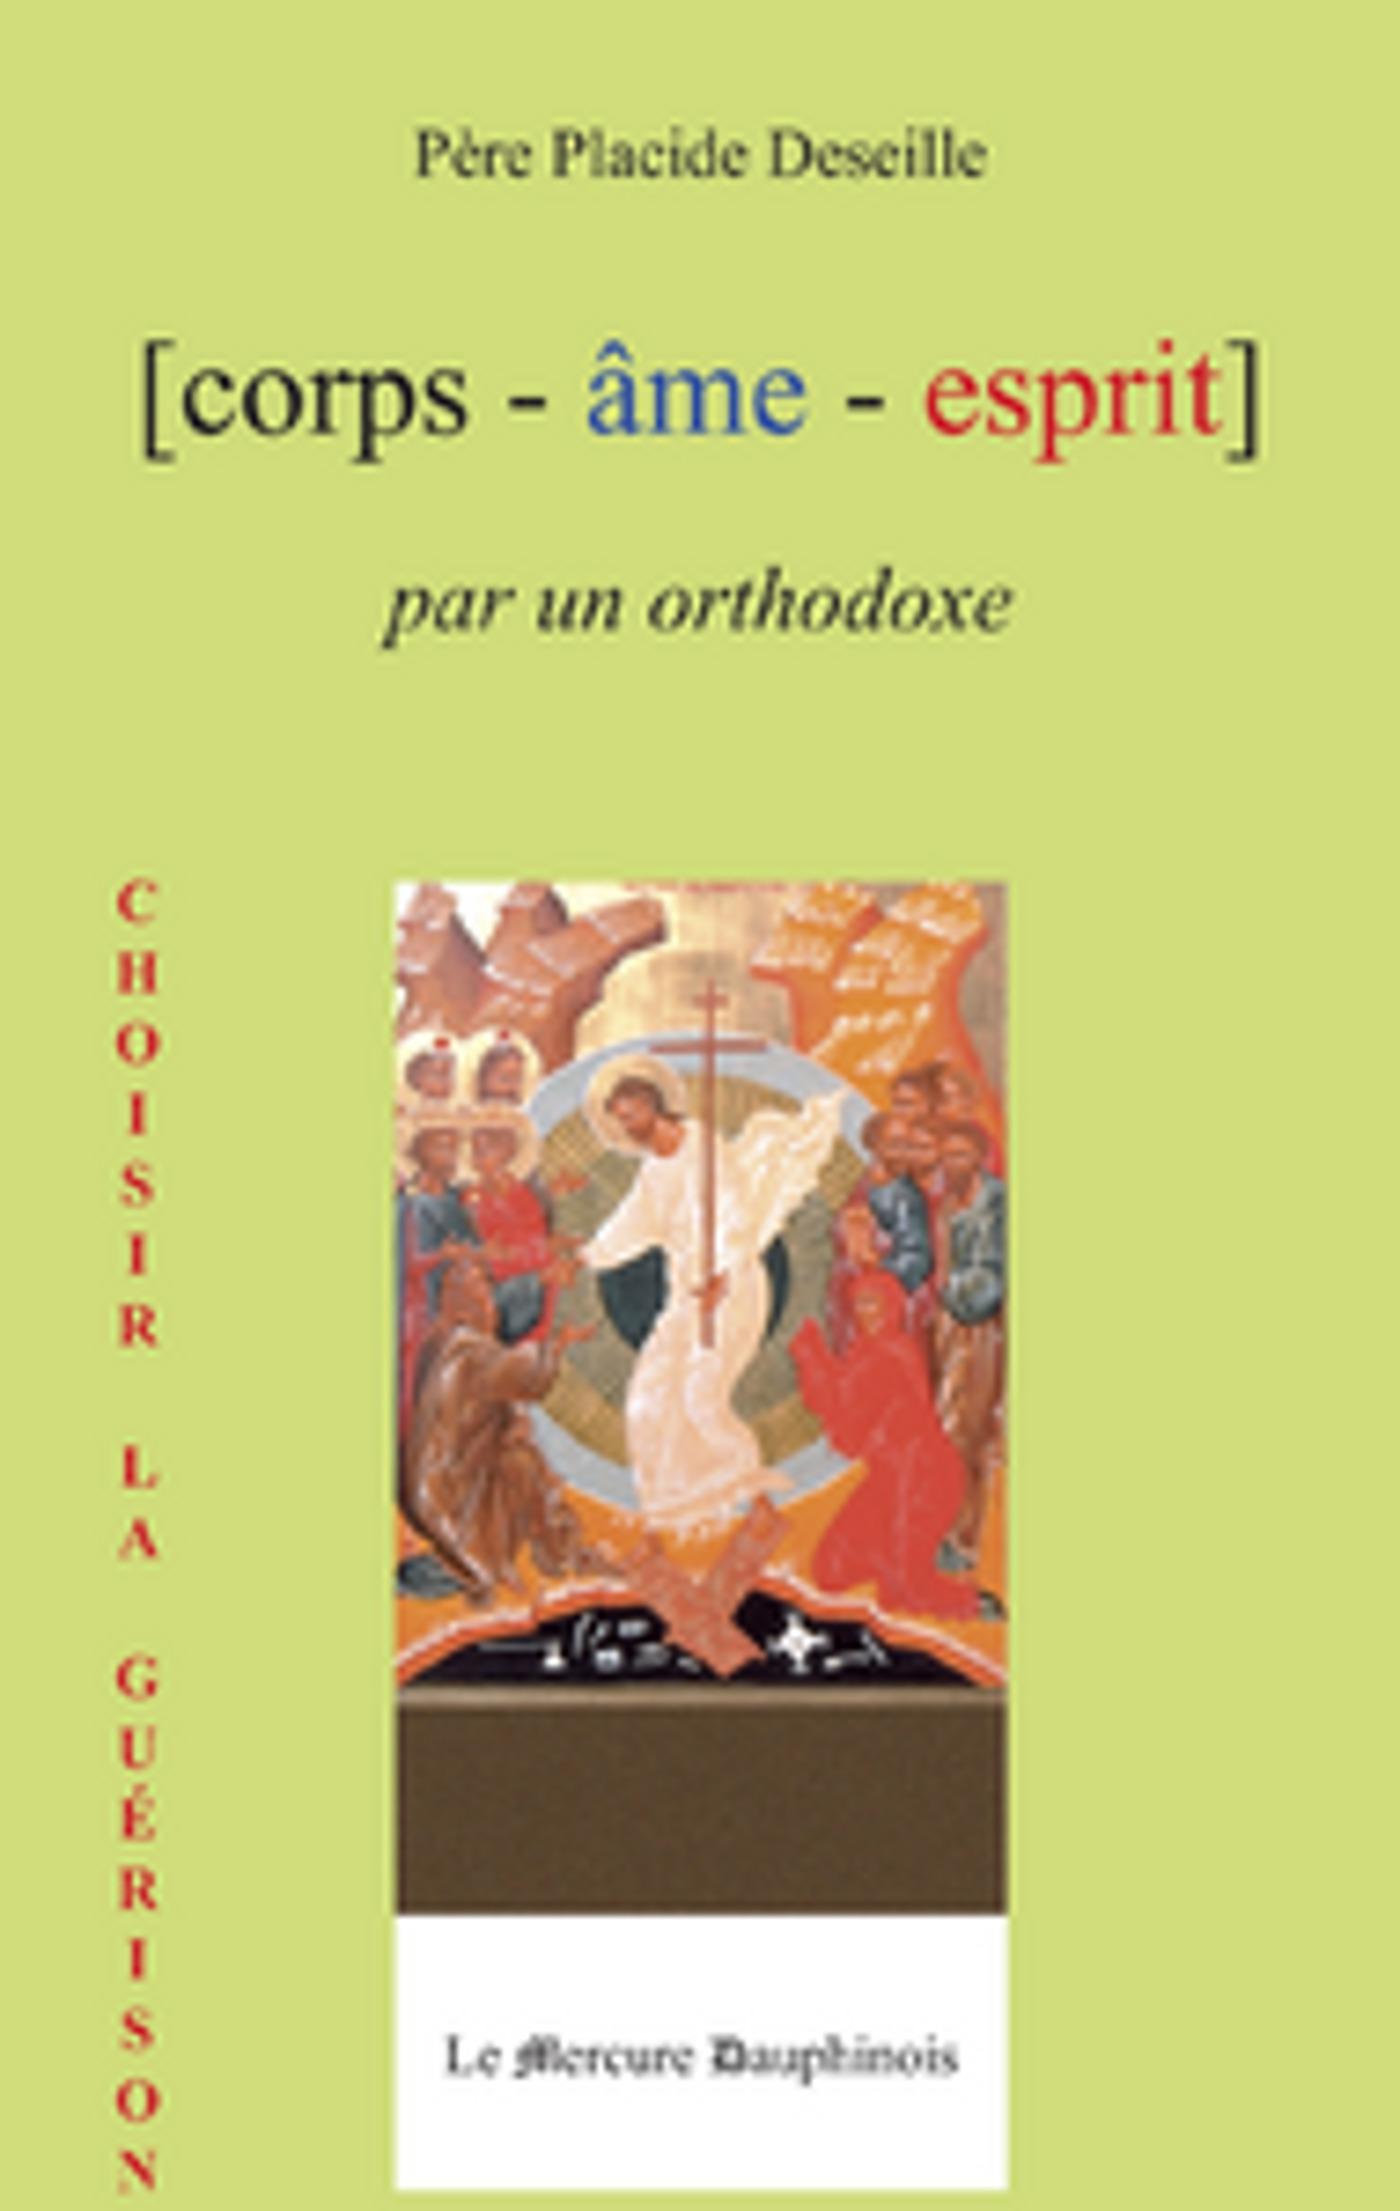 Corps - âme - esprit par un orthodoxe